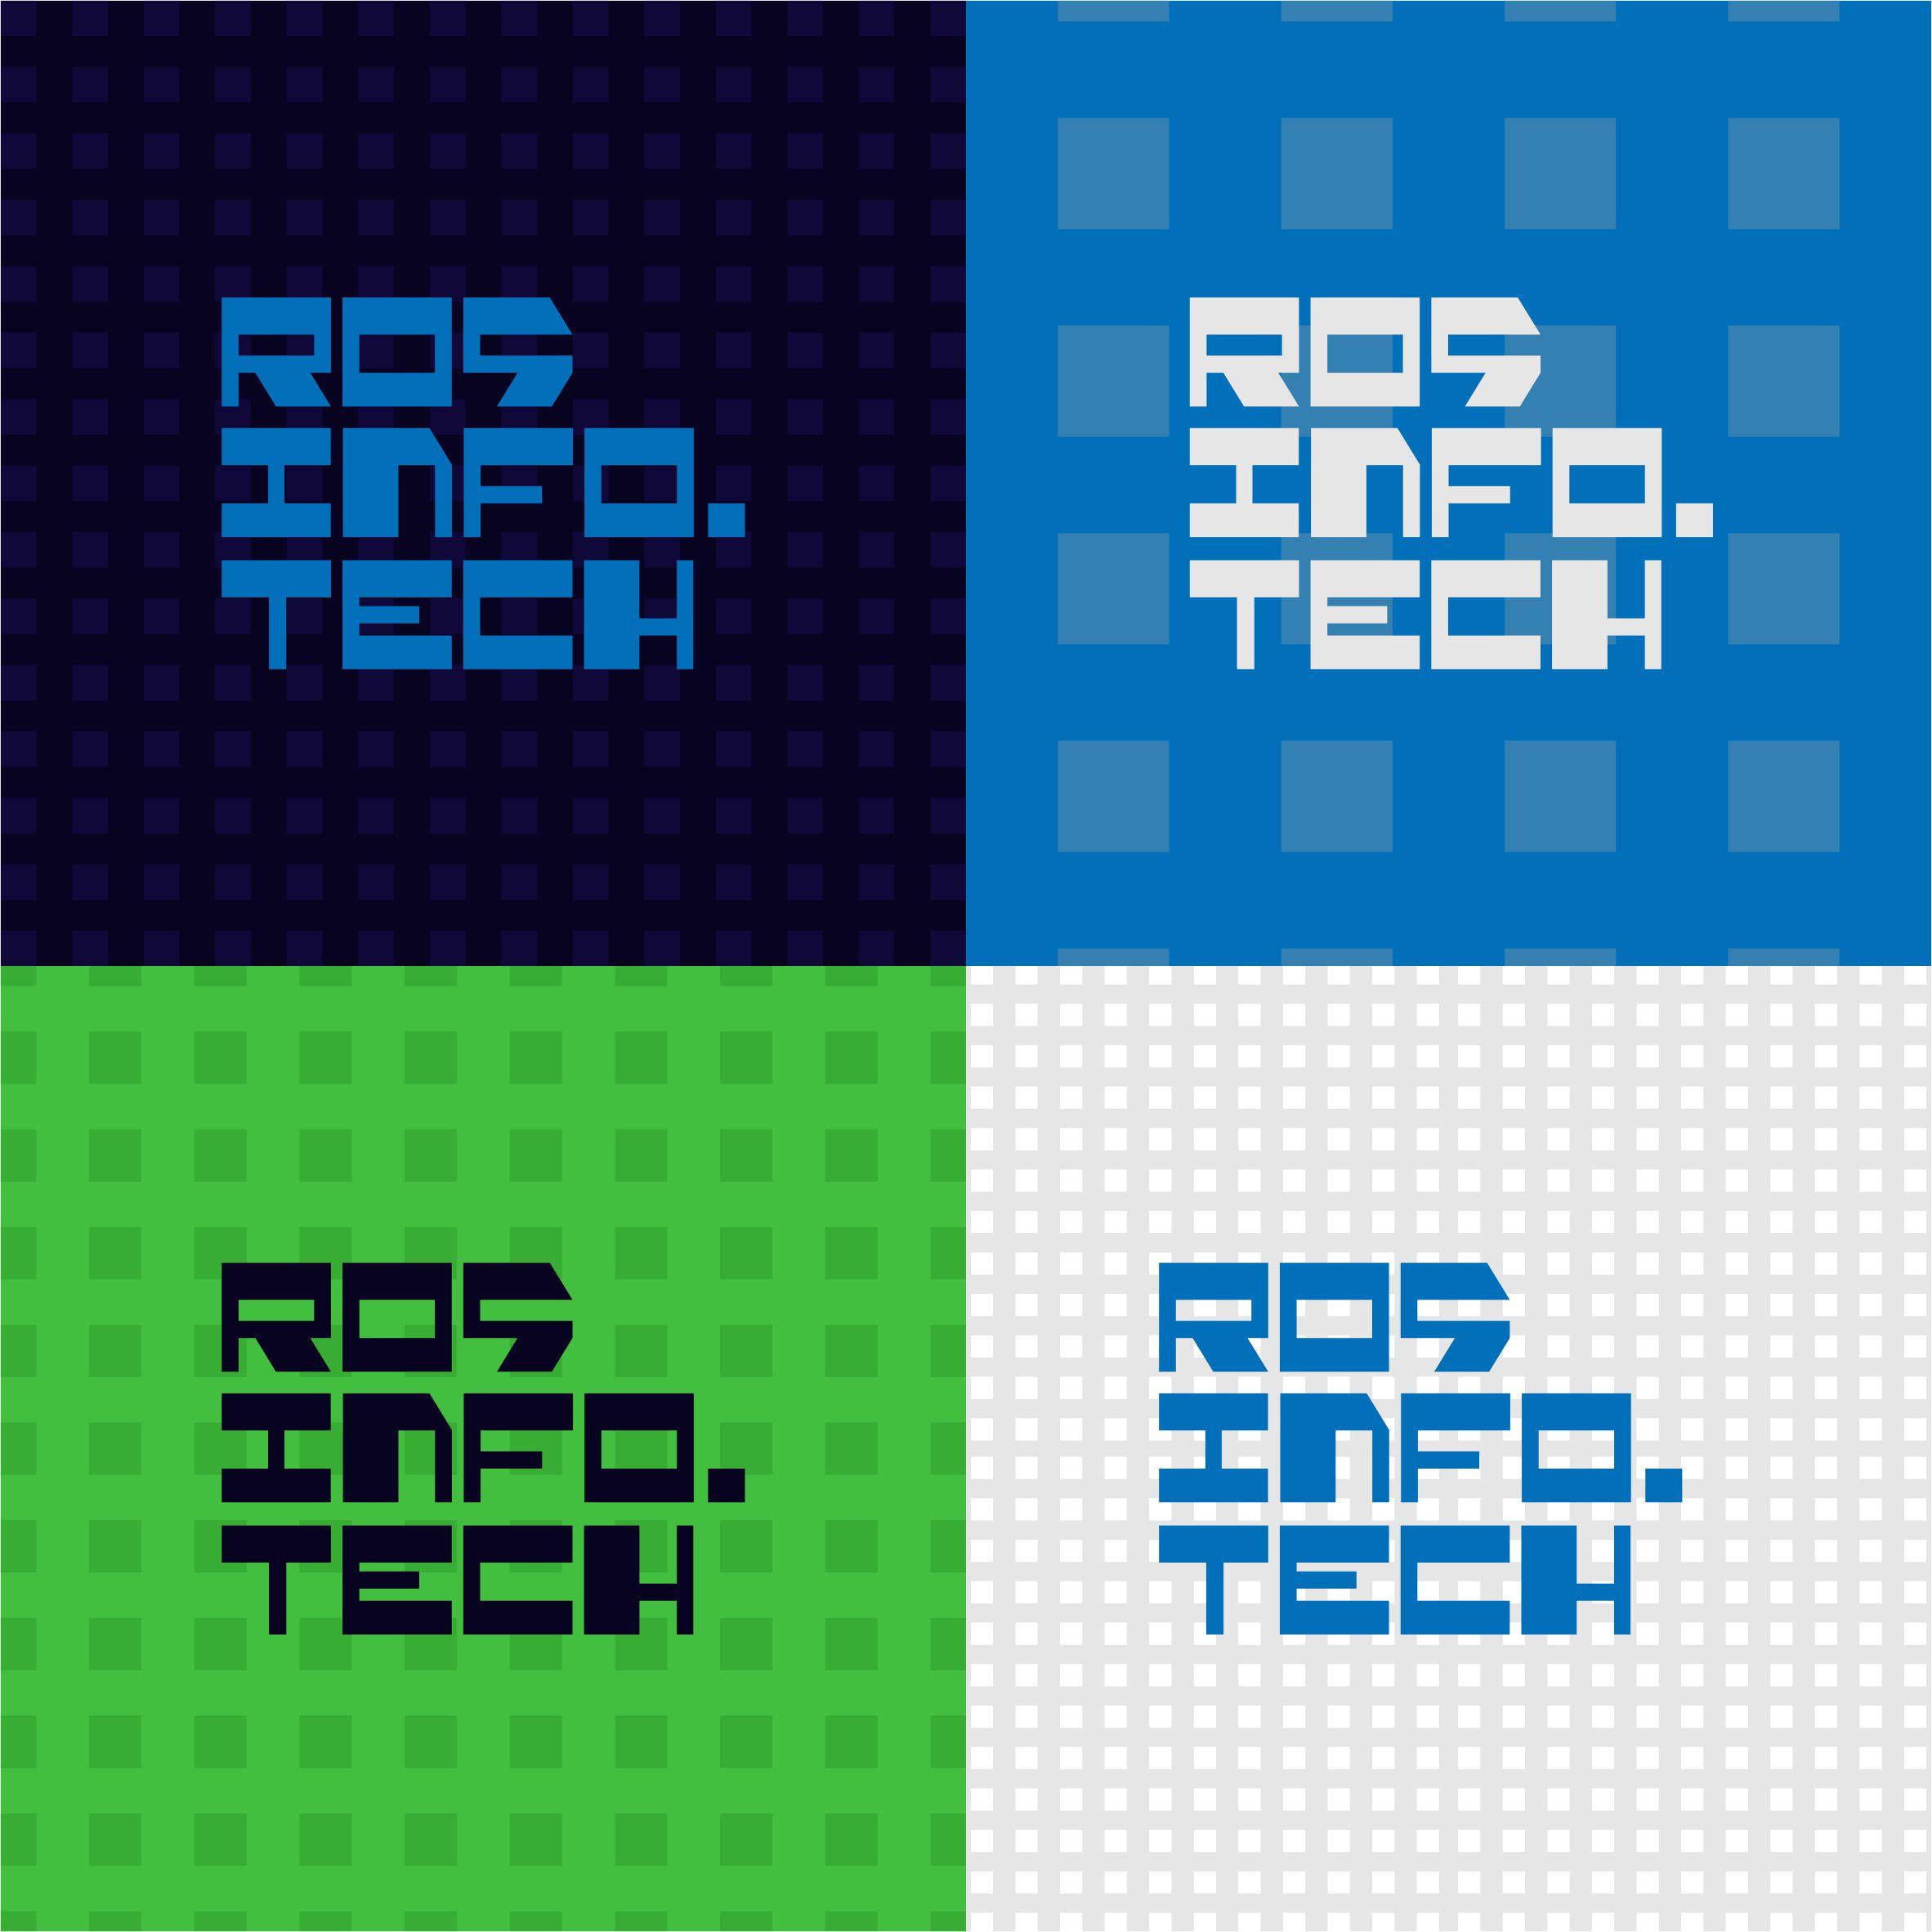 Разработка пакета айдентики rosinfo.tech фото f_6195e22d1755fbca.jpg